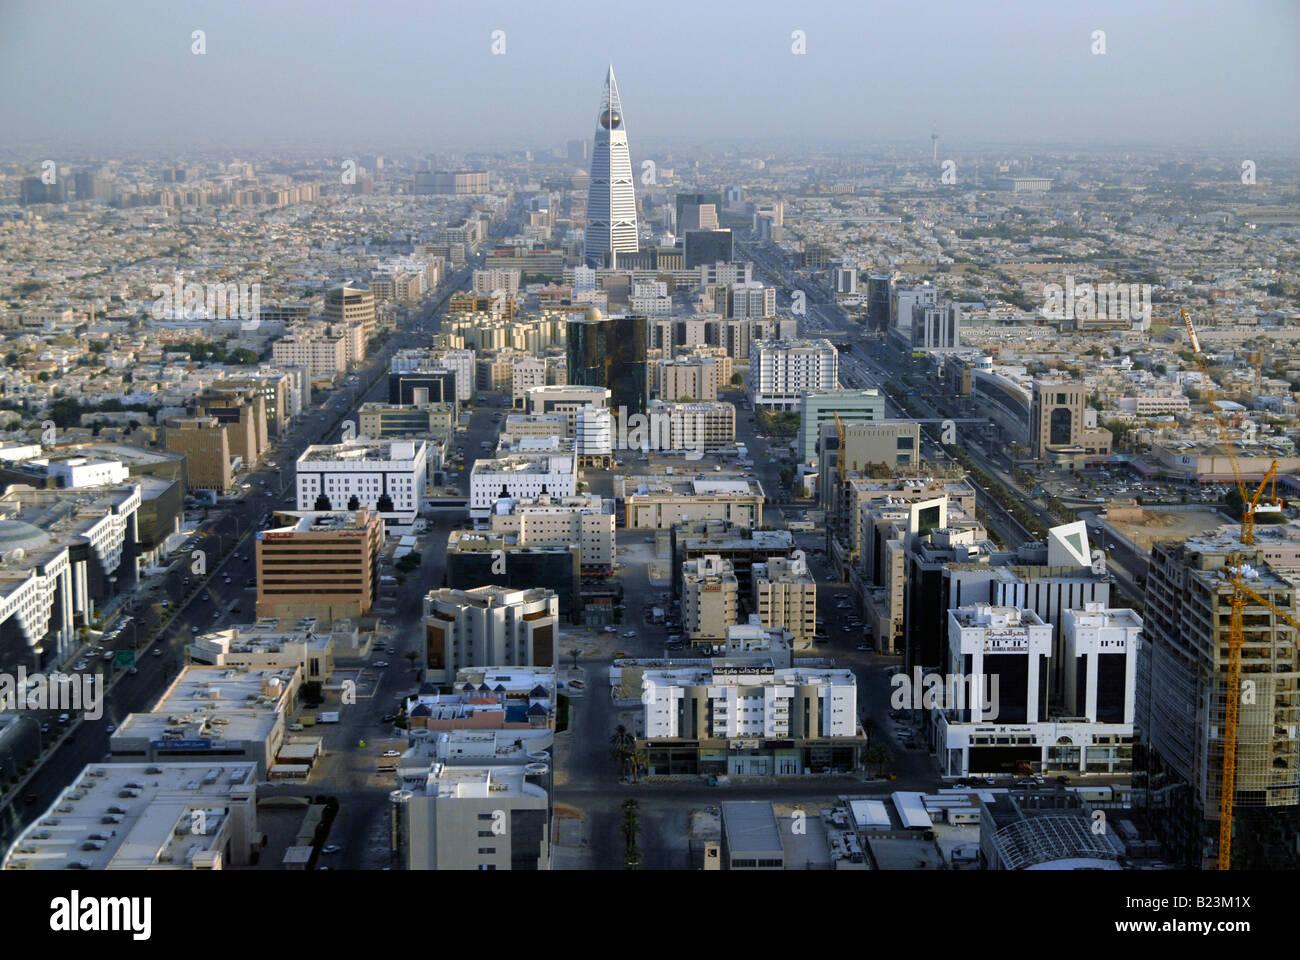 Ver más Riad con la torre Al Faisaliah dominando el horizonte, Arabia Saudita Imagen De Stock